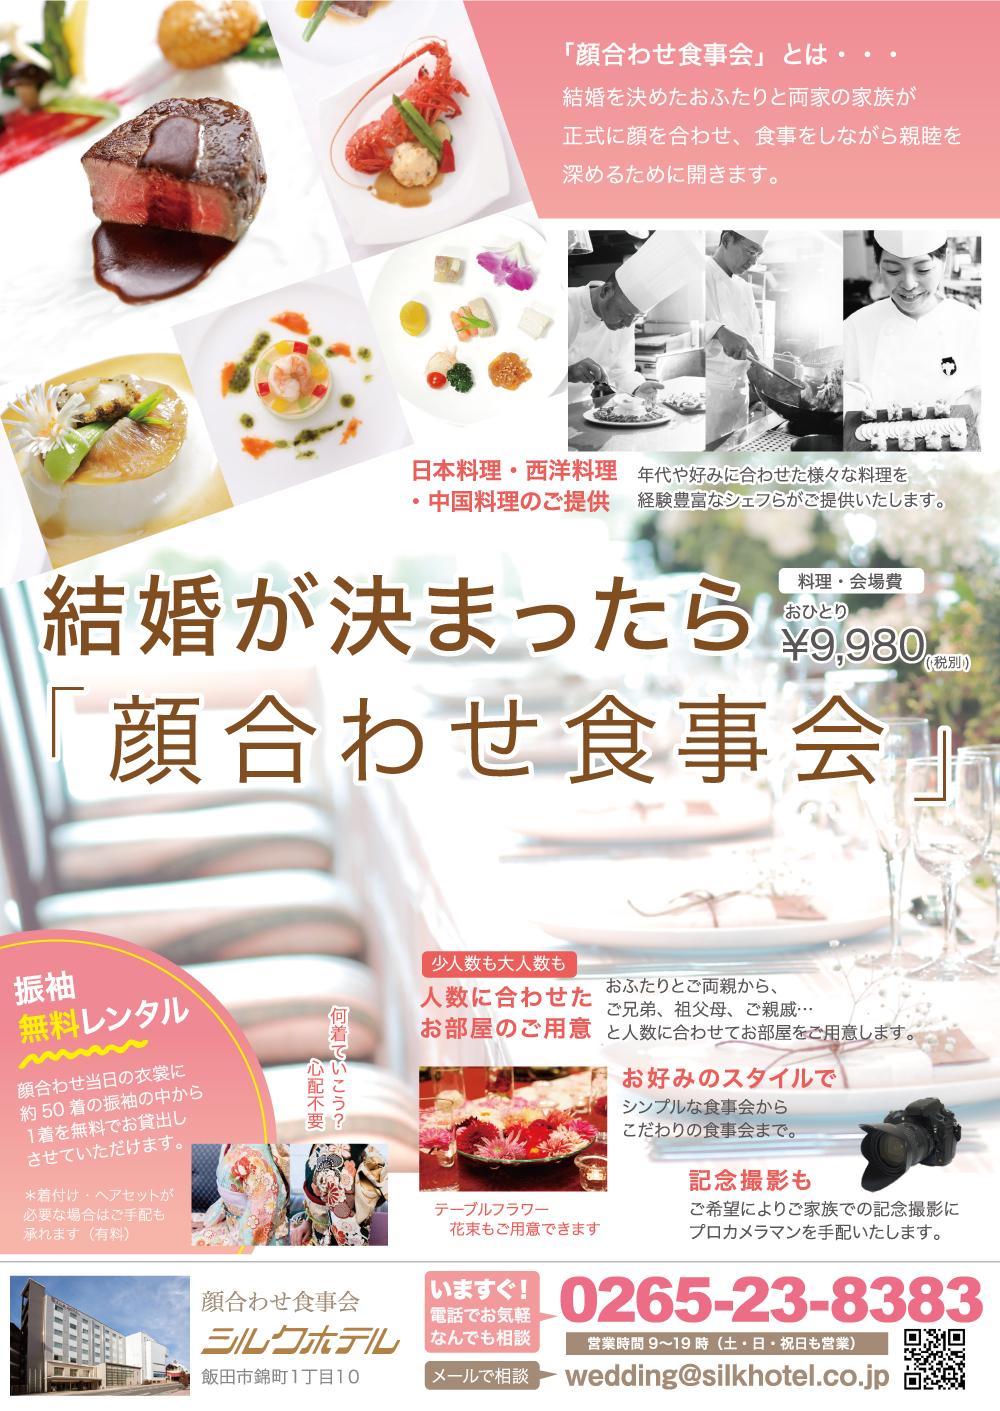 シルクホテル・シルクプラザ【ウエディング情報】